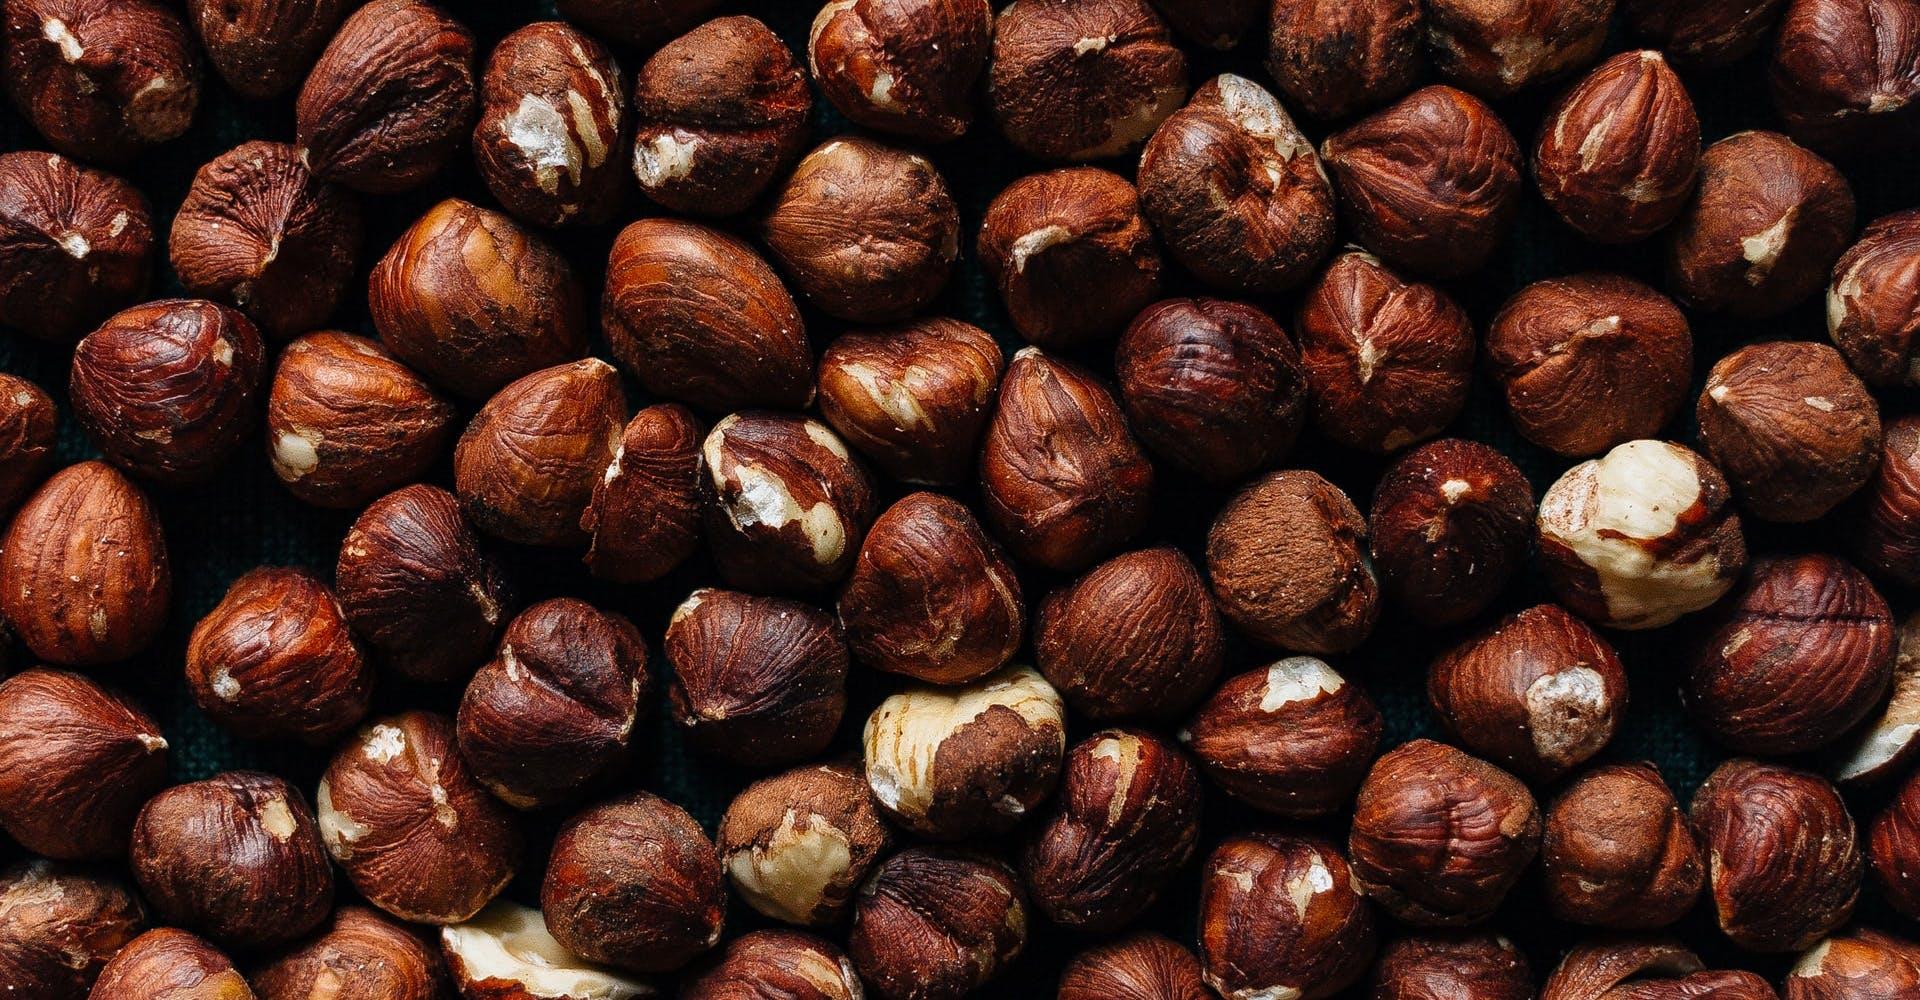 macro image of hazelnuts